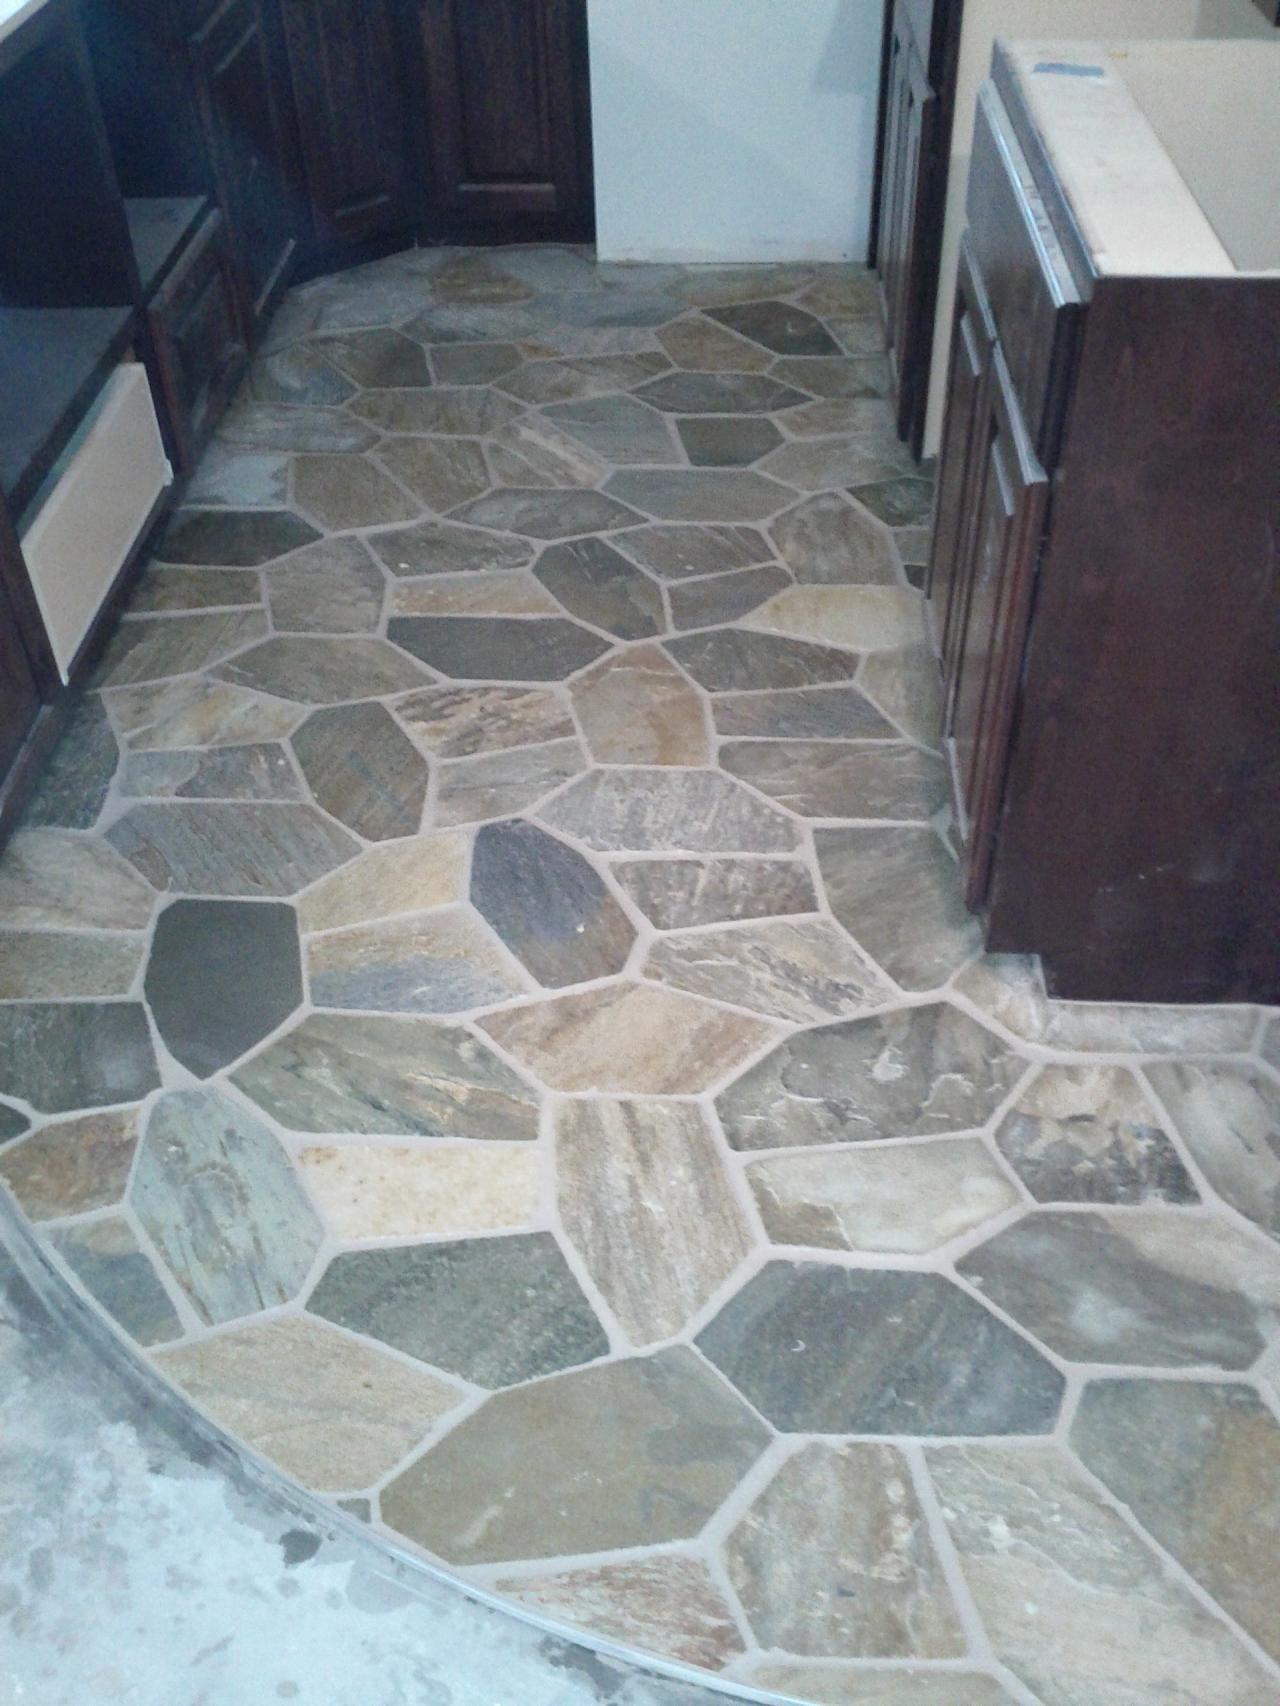 Stone Tile Floor In Basement Wet Bar Large Inspiration Natural Stone Tile Floor Natural Stone Tile Bathroom Stone Tile Flooring